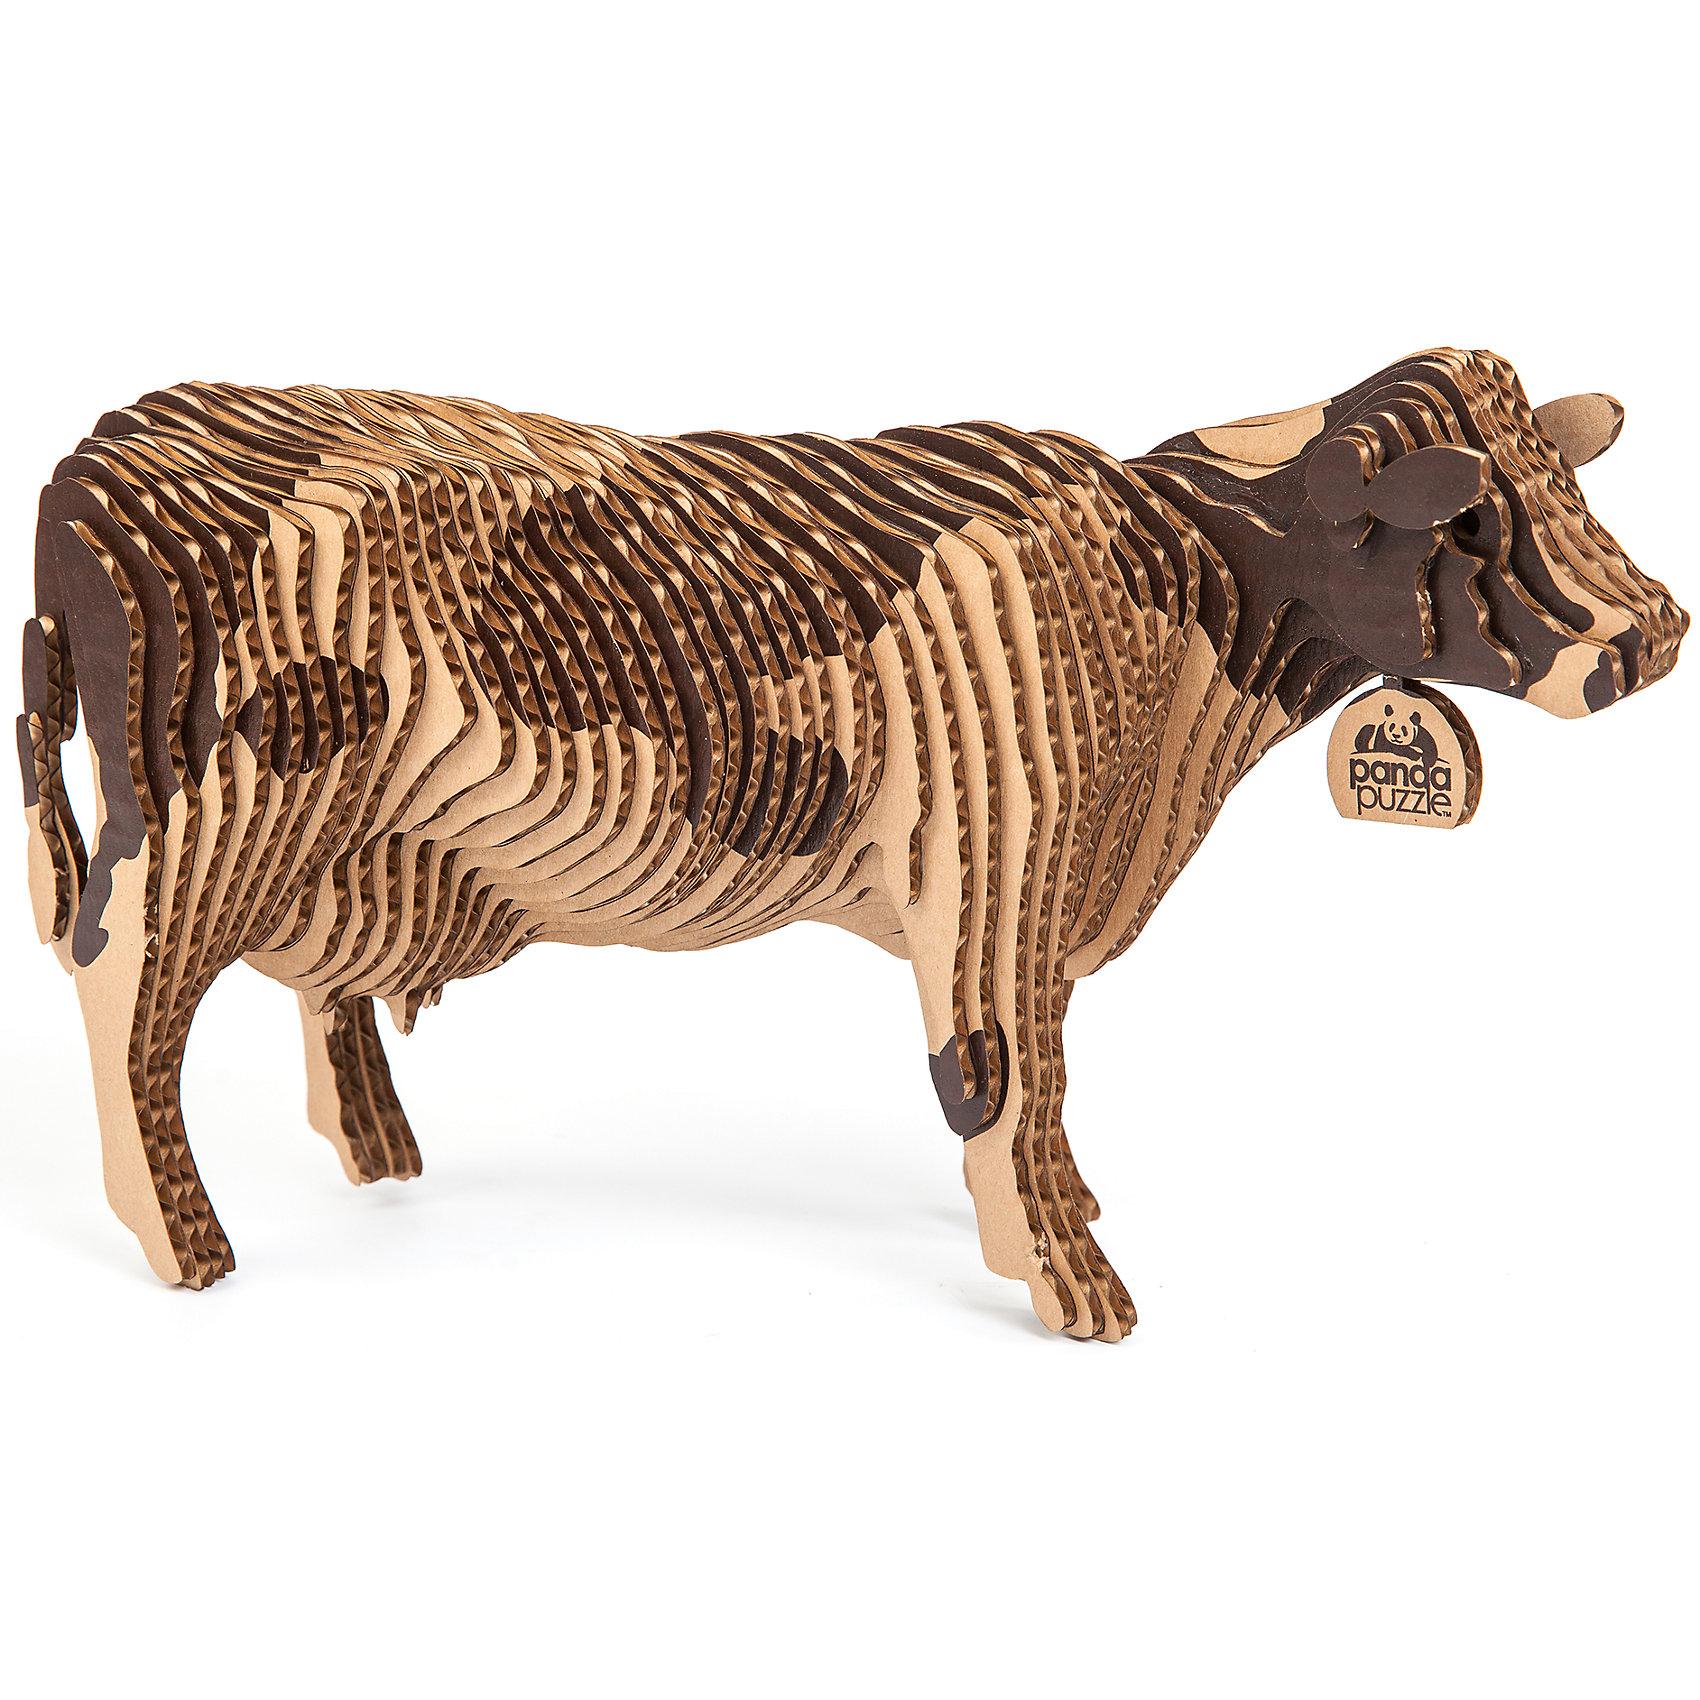 3D-Пазл «Корова», PandaPuzzle3D пазлы<br>3D-Пазл «Корова», PandaPuzzle ? головоломка от отечественного торгового бренда, который специализируется на выпуске трехмерных пазлов разной тематики. Все пазлы от PandaPuzzle выполнены из экологически безопасных материалов, имеют продуманный и реалистичный дизайн моделей. Выполненные из гофрокартона детали пазла отличаются легким весом и высокими физическими качествами: плотностью и жесткостью. Модель собирается в технике объемного квиллинга, что подразумевает склеивание деталей пазла между собой.  Собирая модели в данной технике, у ребенка развивается логическое мышление и мелкая моторика рук, тренируется зрительная память и внимательность. В каждый набор входит клей для склеивания деталей и инструкция по сбору модели. <br>3D-Пазл «Корова», PandaPuzzle упакован в стилизованную картонную коробку.<br><br>Дополнительная информация:<br><br>- Вид игр: игры-головоломки, сюжетно-ролевые<br>- Предназначение: для дома, для развивающих центров, для центров дополнительного образования<br>- Материал: гофрокартон<br>- Комплектация: 58 деталей, клей, инструкция<br>- Размер (Д*Ш*В): 43,5*6,7*26,5 см<br>- Вес: 550 г <br>- Пол: для мальчика/для девочки<br>- Особенности ухода: разрешается сухая чистка собранной модели<br><br>Подробнее:<br><br>• Для детей в возрасте: от 5 лет и до 16 лет<br>• Страна производитель: Россия<br>• Торговый бренд: PandaPuzzle<br><br>3D-Пазл «Корова», PandaPuzzle можно купить в нашем интернет-магазине.<br><br>Ширина мм: 435<br>Глубина мм: 67<br>Высота мм: 265<br>Вес г: 550<br>Возраст от месяцев: 60<br>Возраст до месяцев: 192<br>Пол: Унисекс<br>Возраст: Детский<br>SKU: 4932387